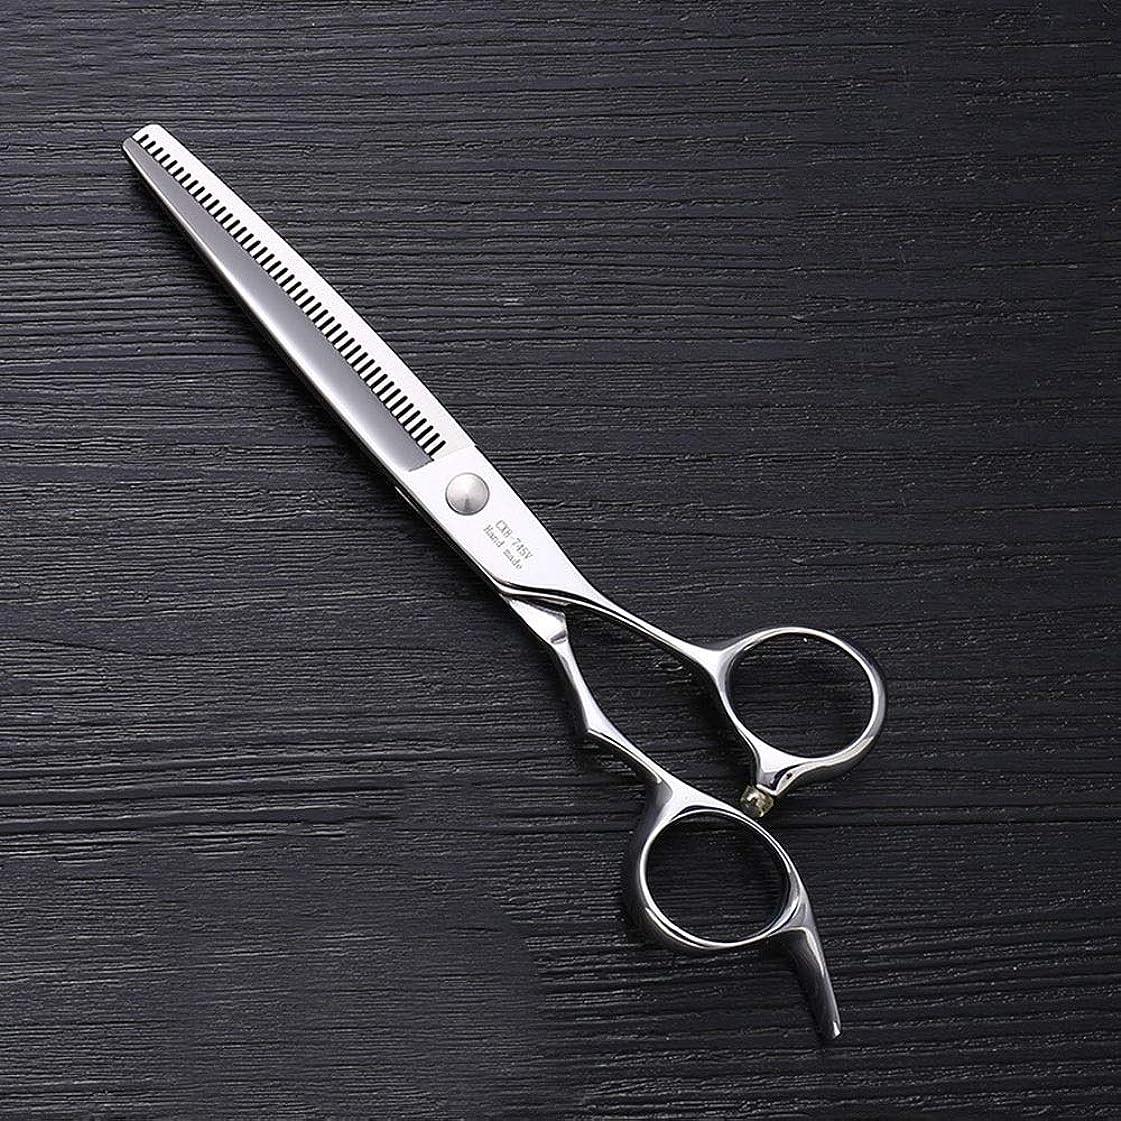 プラグセミナー廃棄7インチのステンレス鋼ペットトリマーの特別なはさみ、ペット歯の薄いはさみ モデリングツール (色 : Silver)